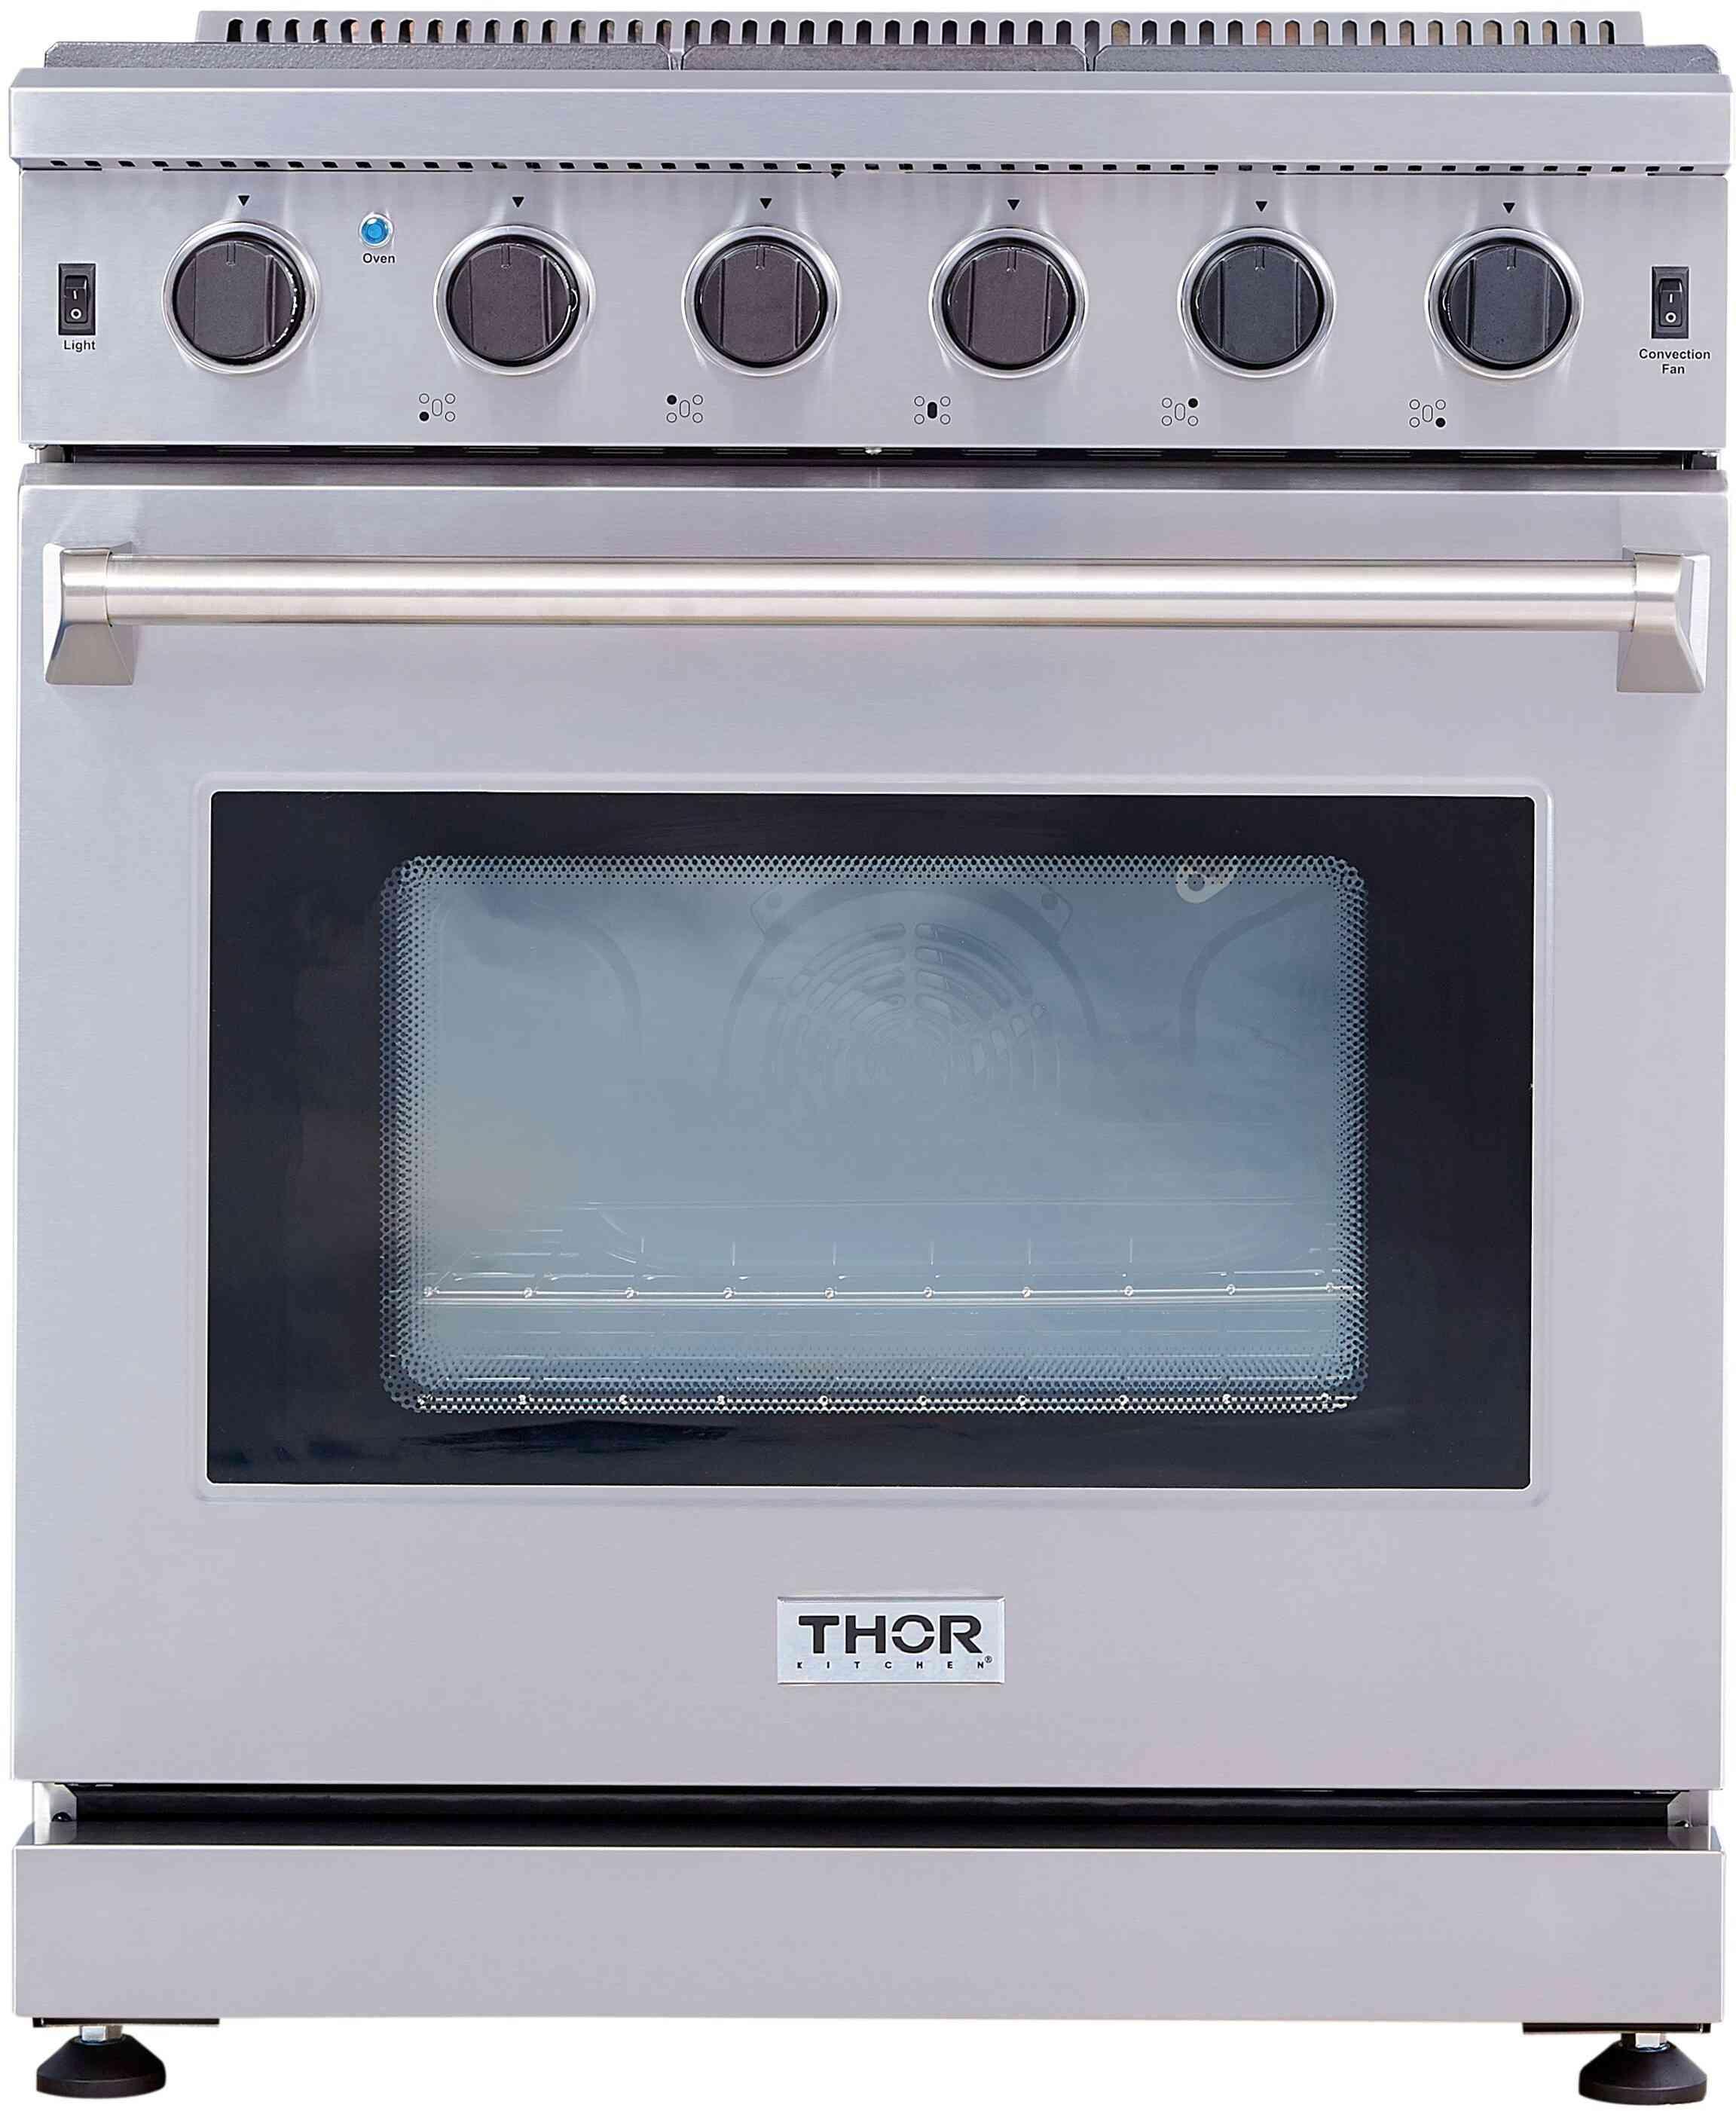 Thor Kitchen 30-Inch Freestanding Range